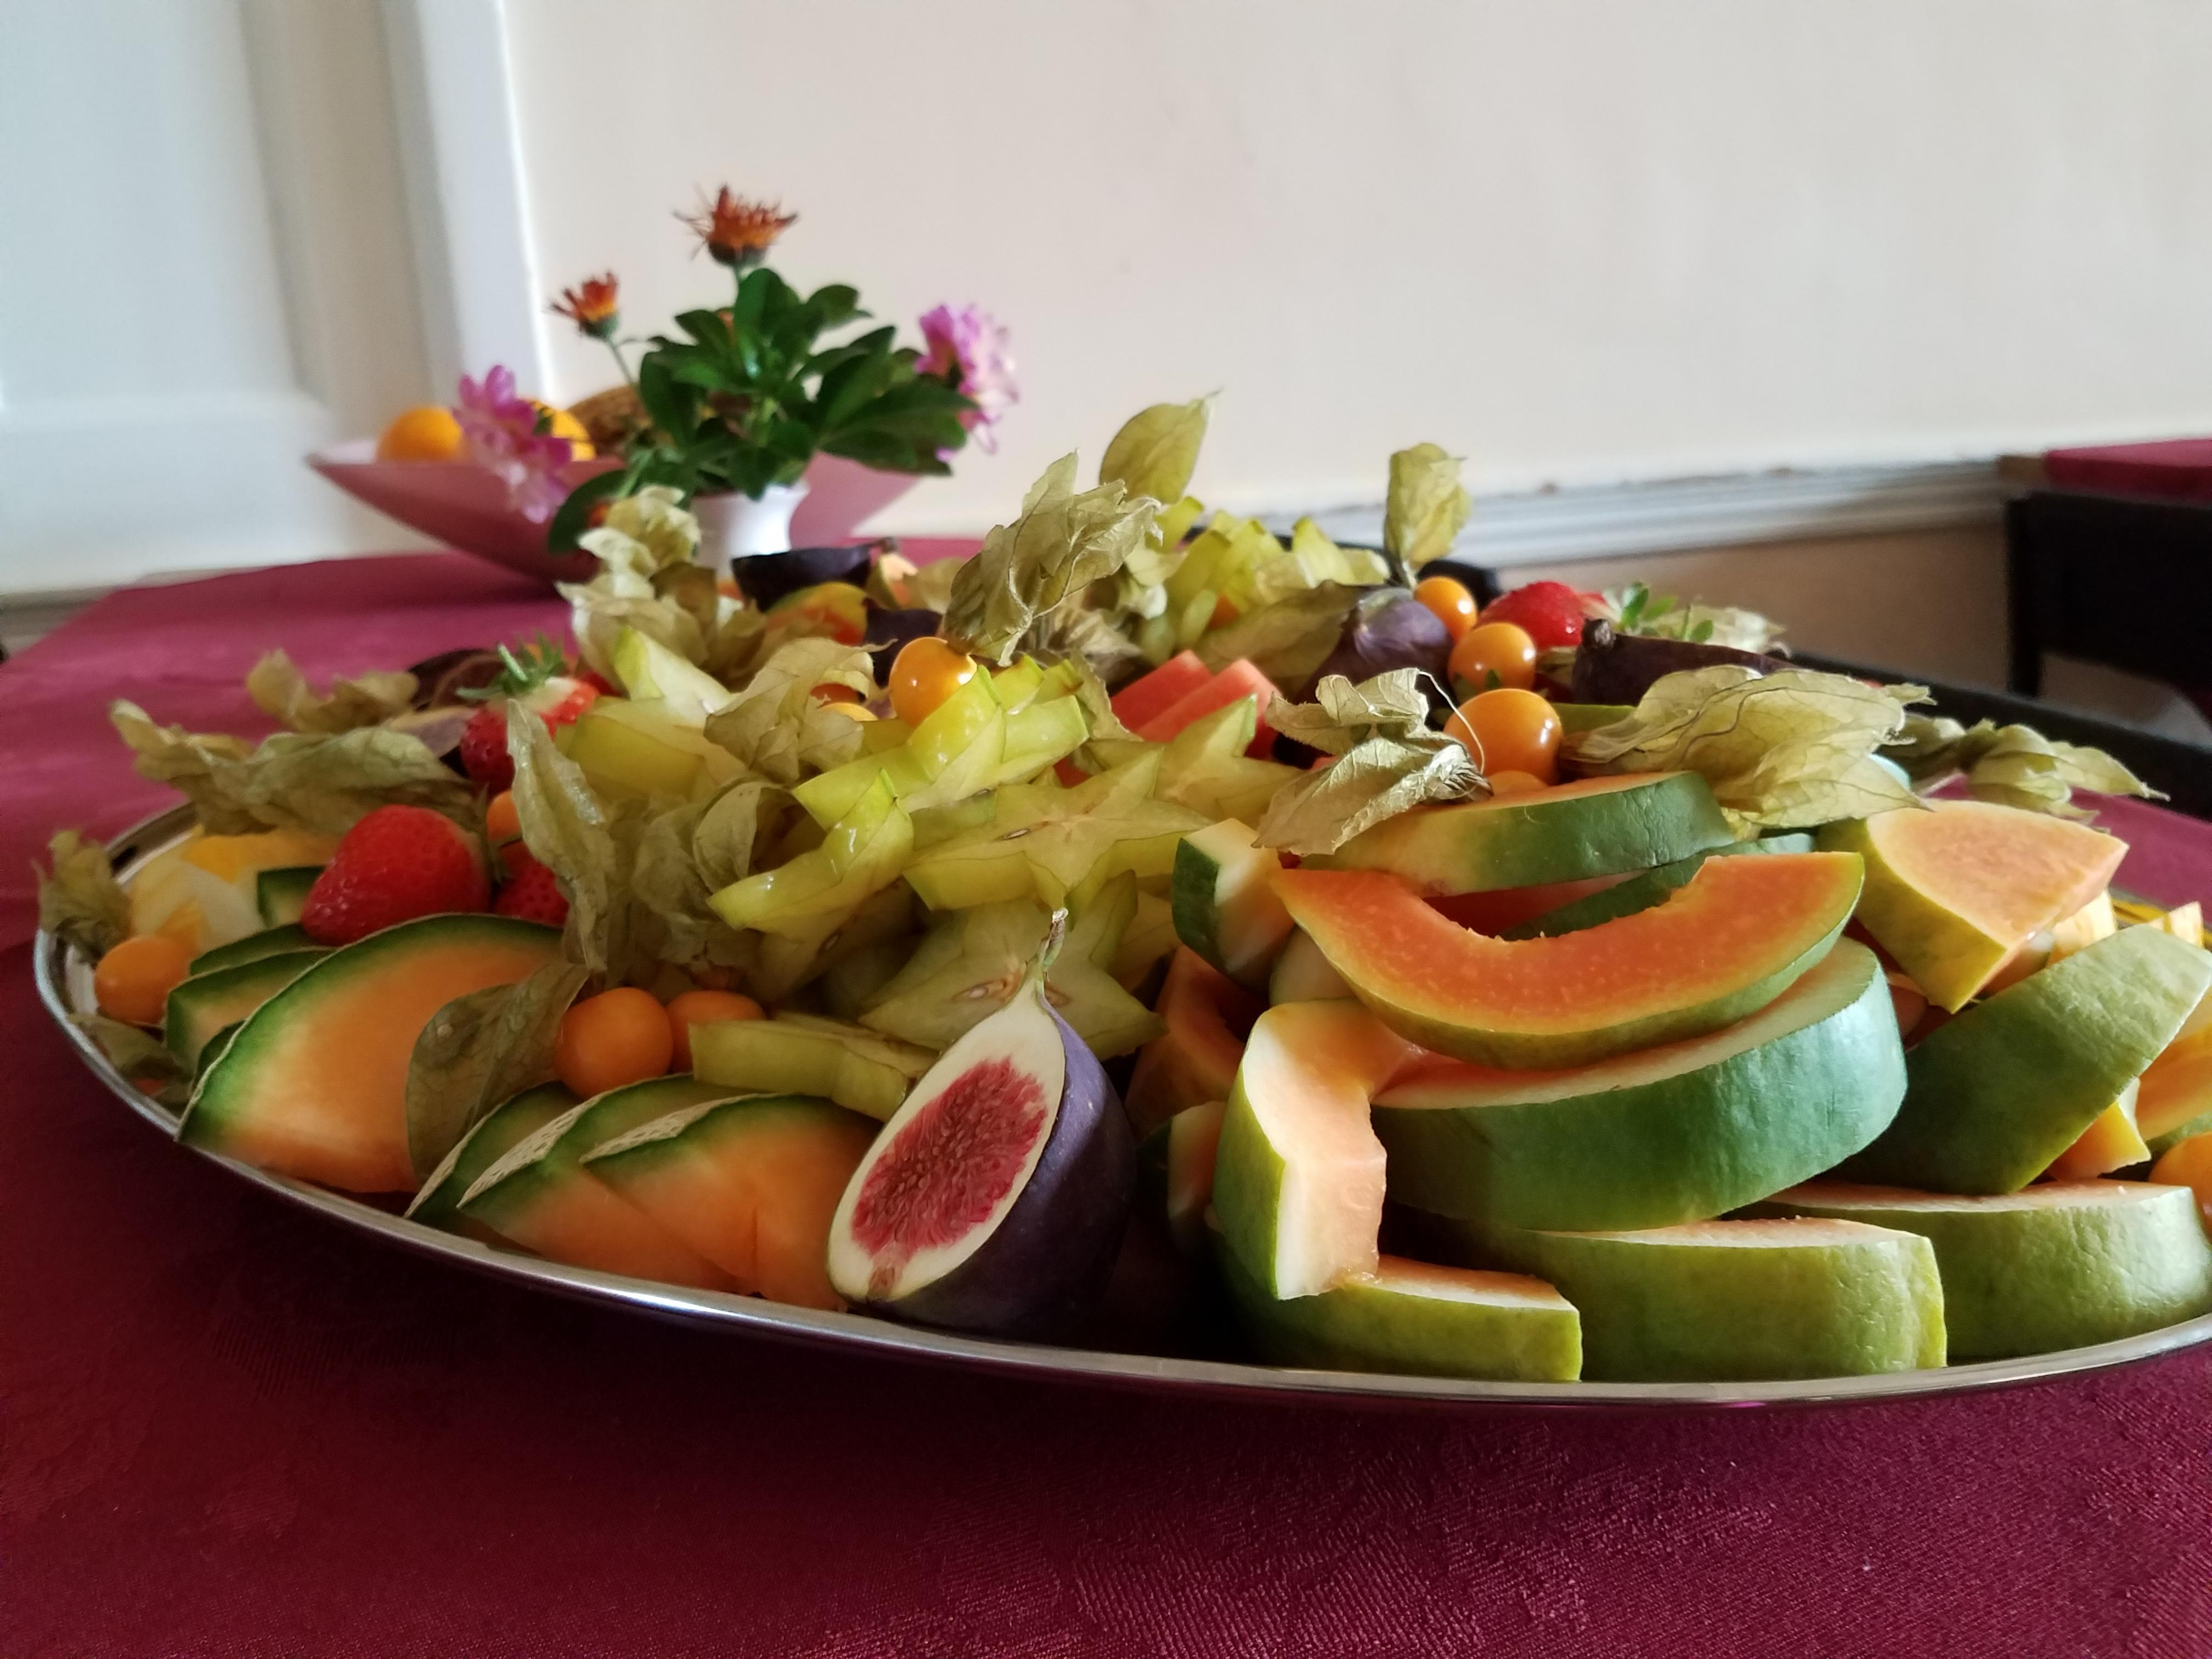 Tasty fruit during break